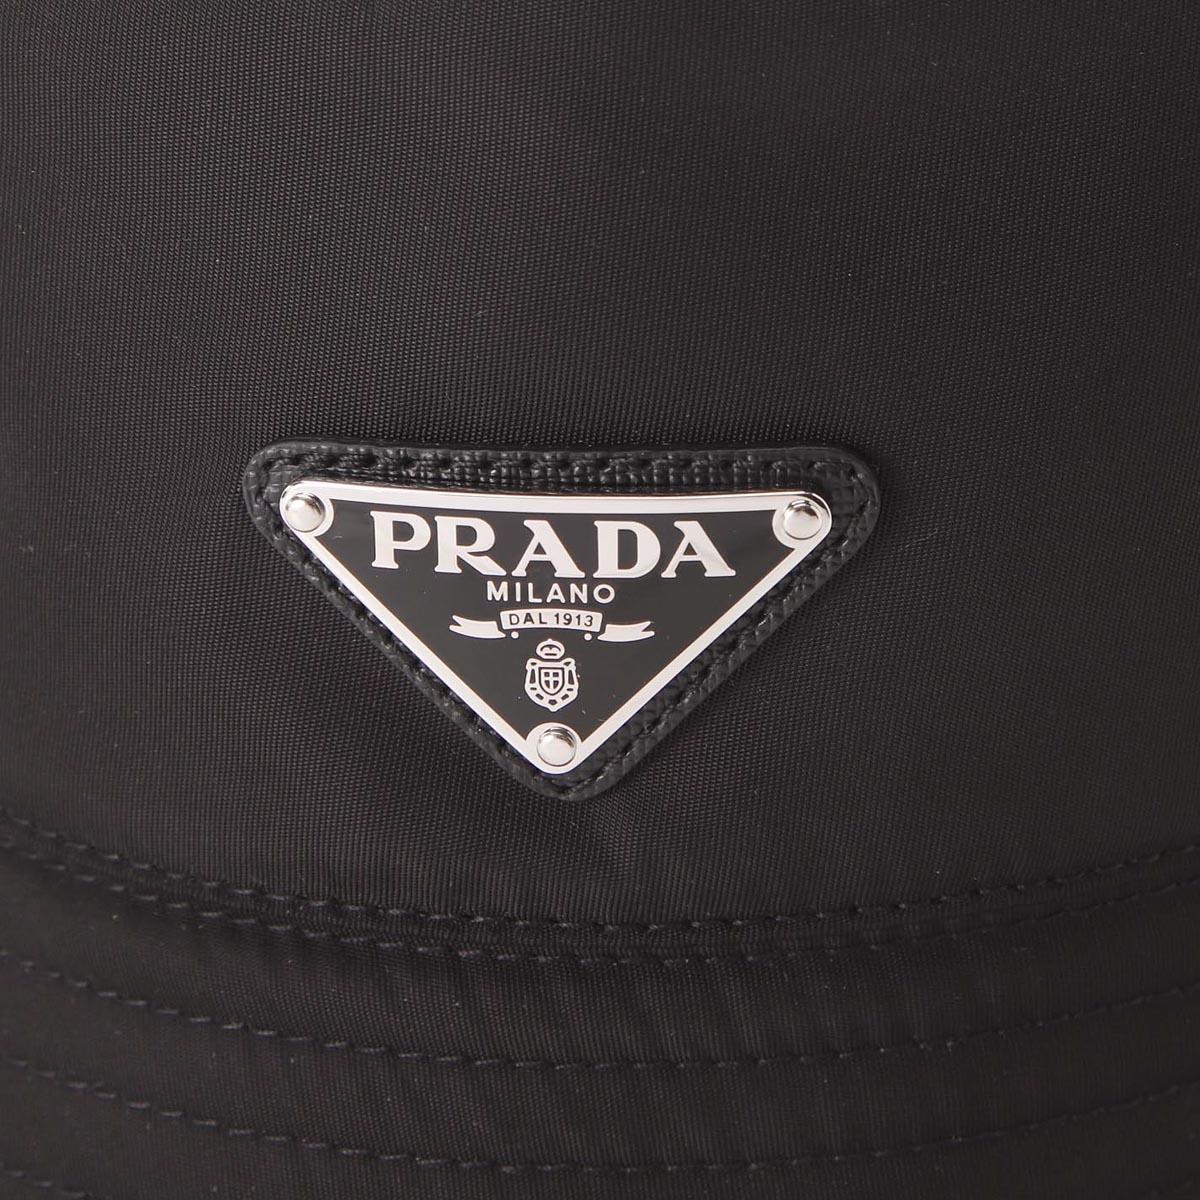 PRADA プラダ バケットハット メンズ